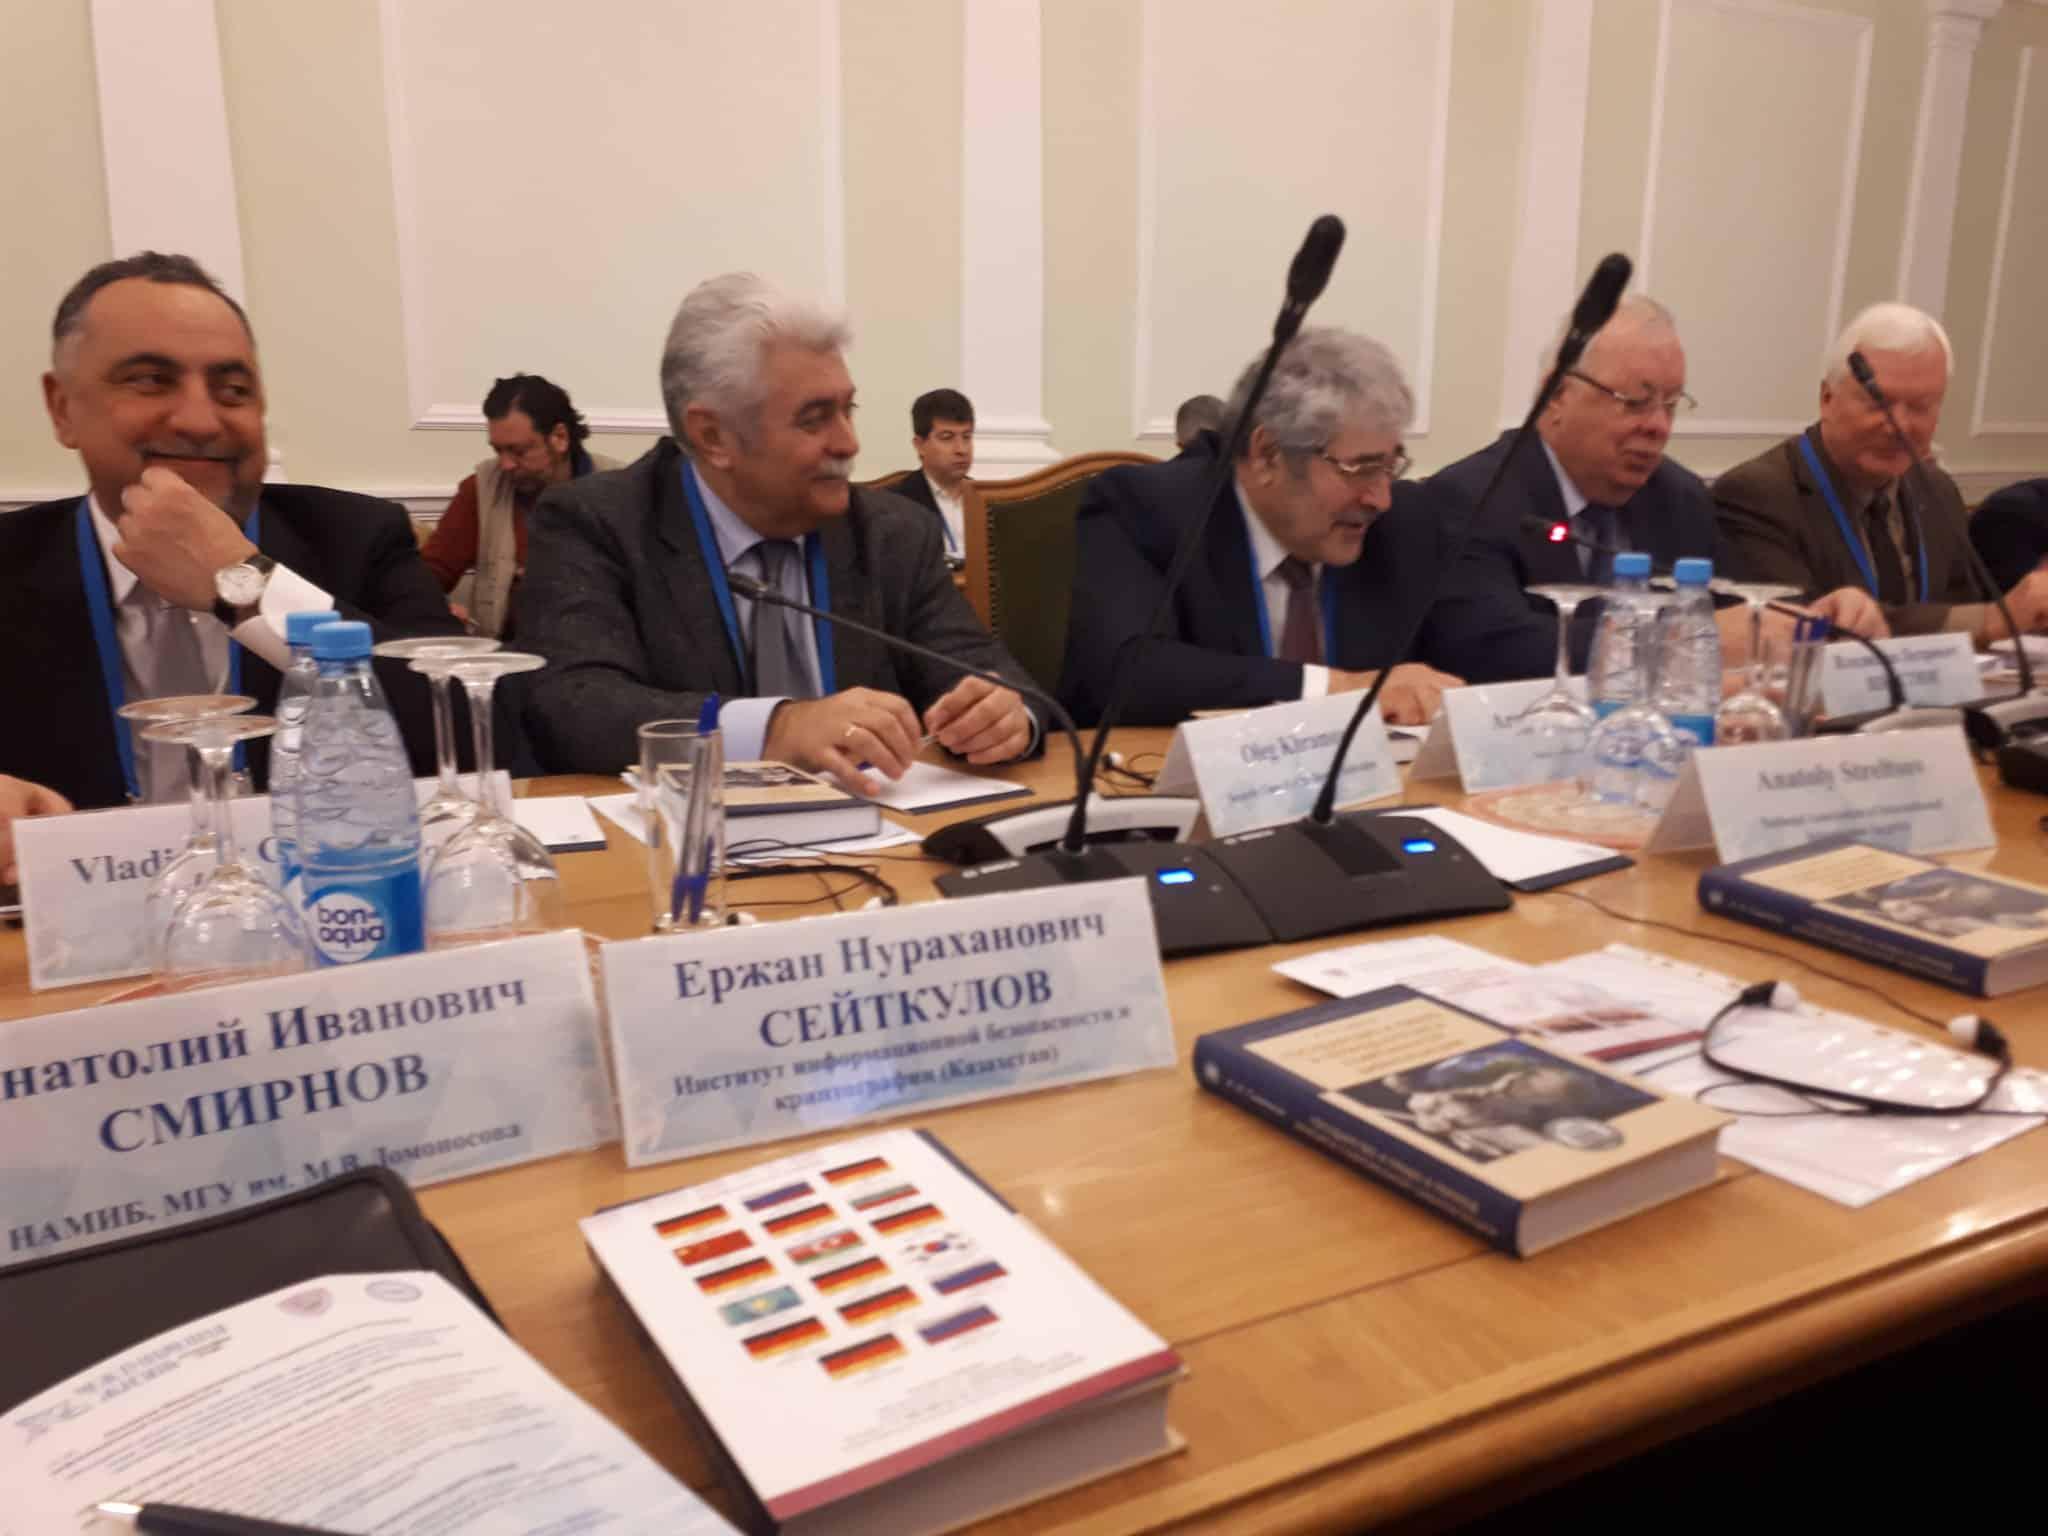 16-17 декабря 2019 г. журнал «Международная жизнь» при поддержке МИД России и НАМИБ провели IV международную конференцию «Киберстабильность: подходы, перспективы, вызовы»